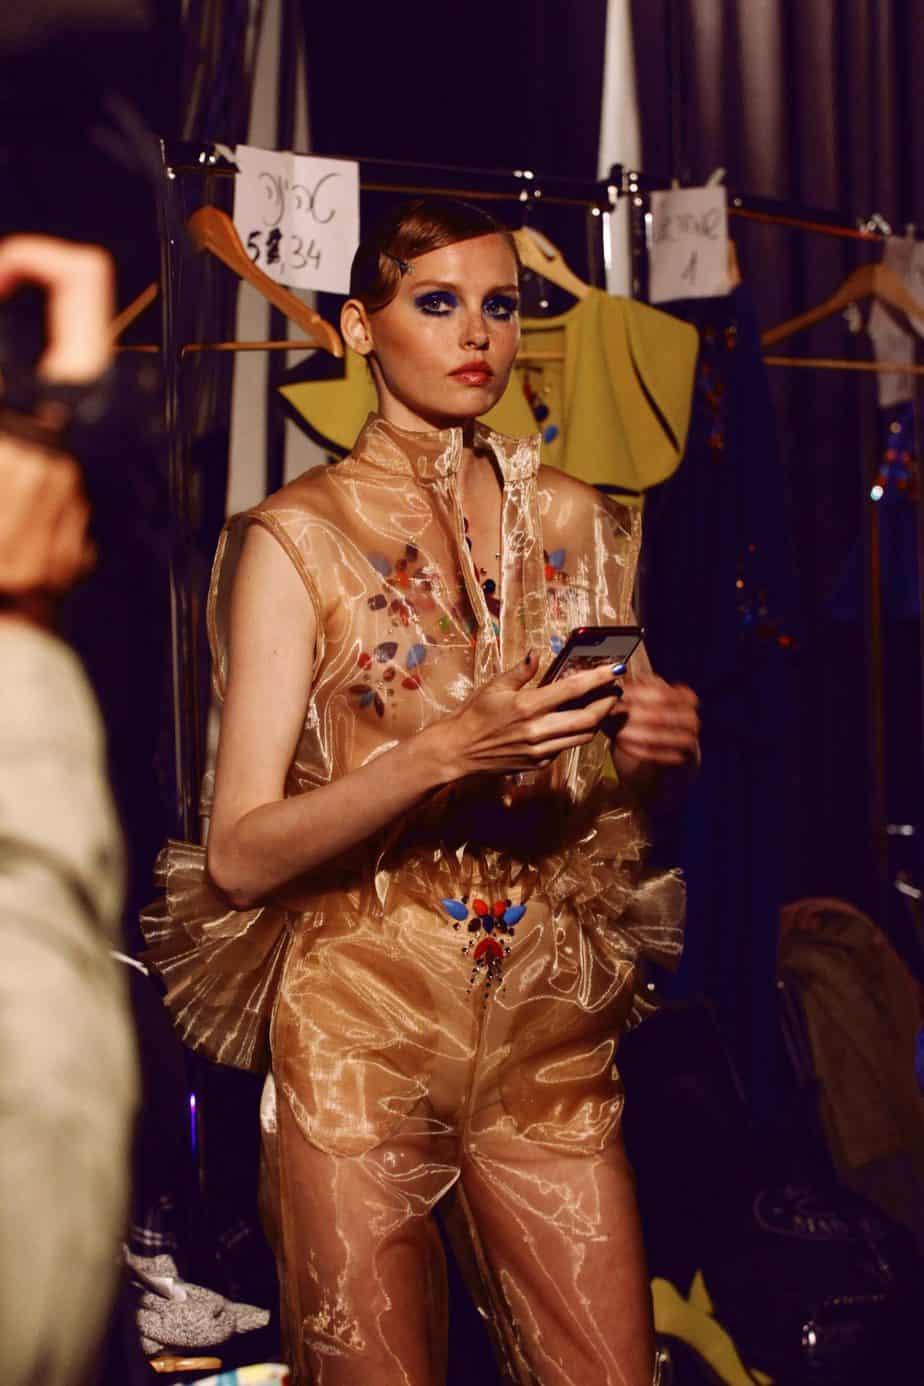 דרור קונטנטו. שבוע האופנה תל אביב. צילום עומר רביבי - 16